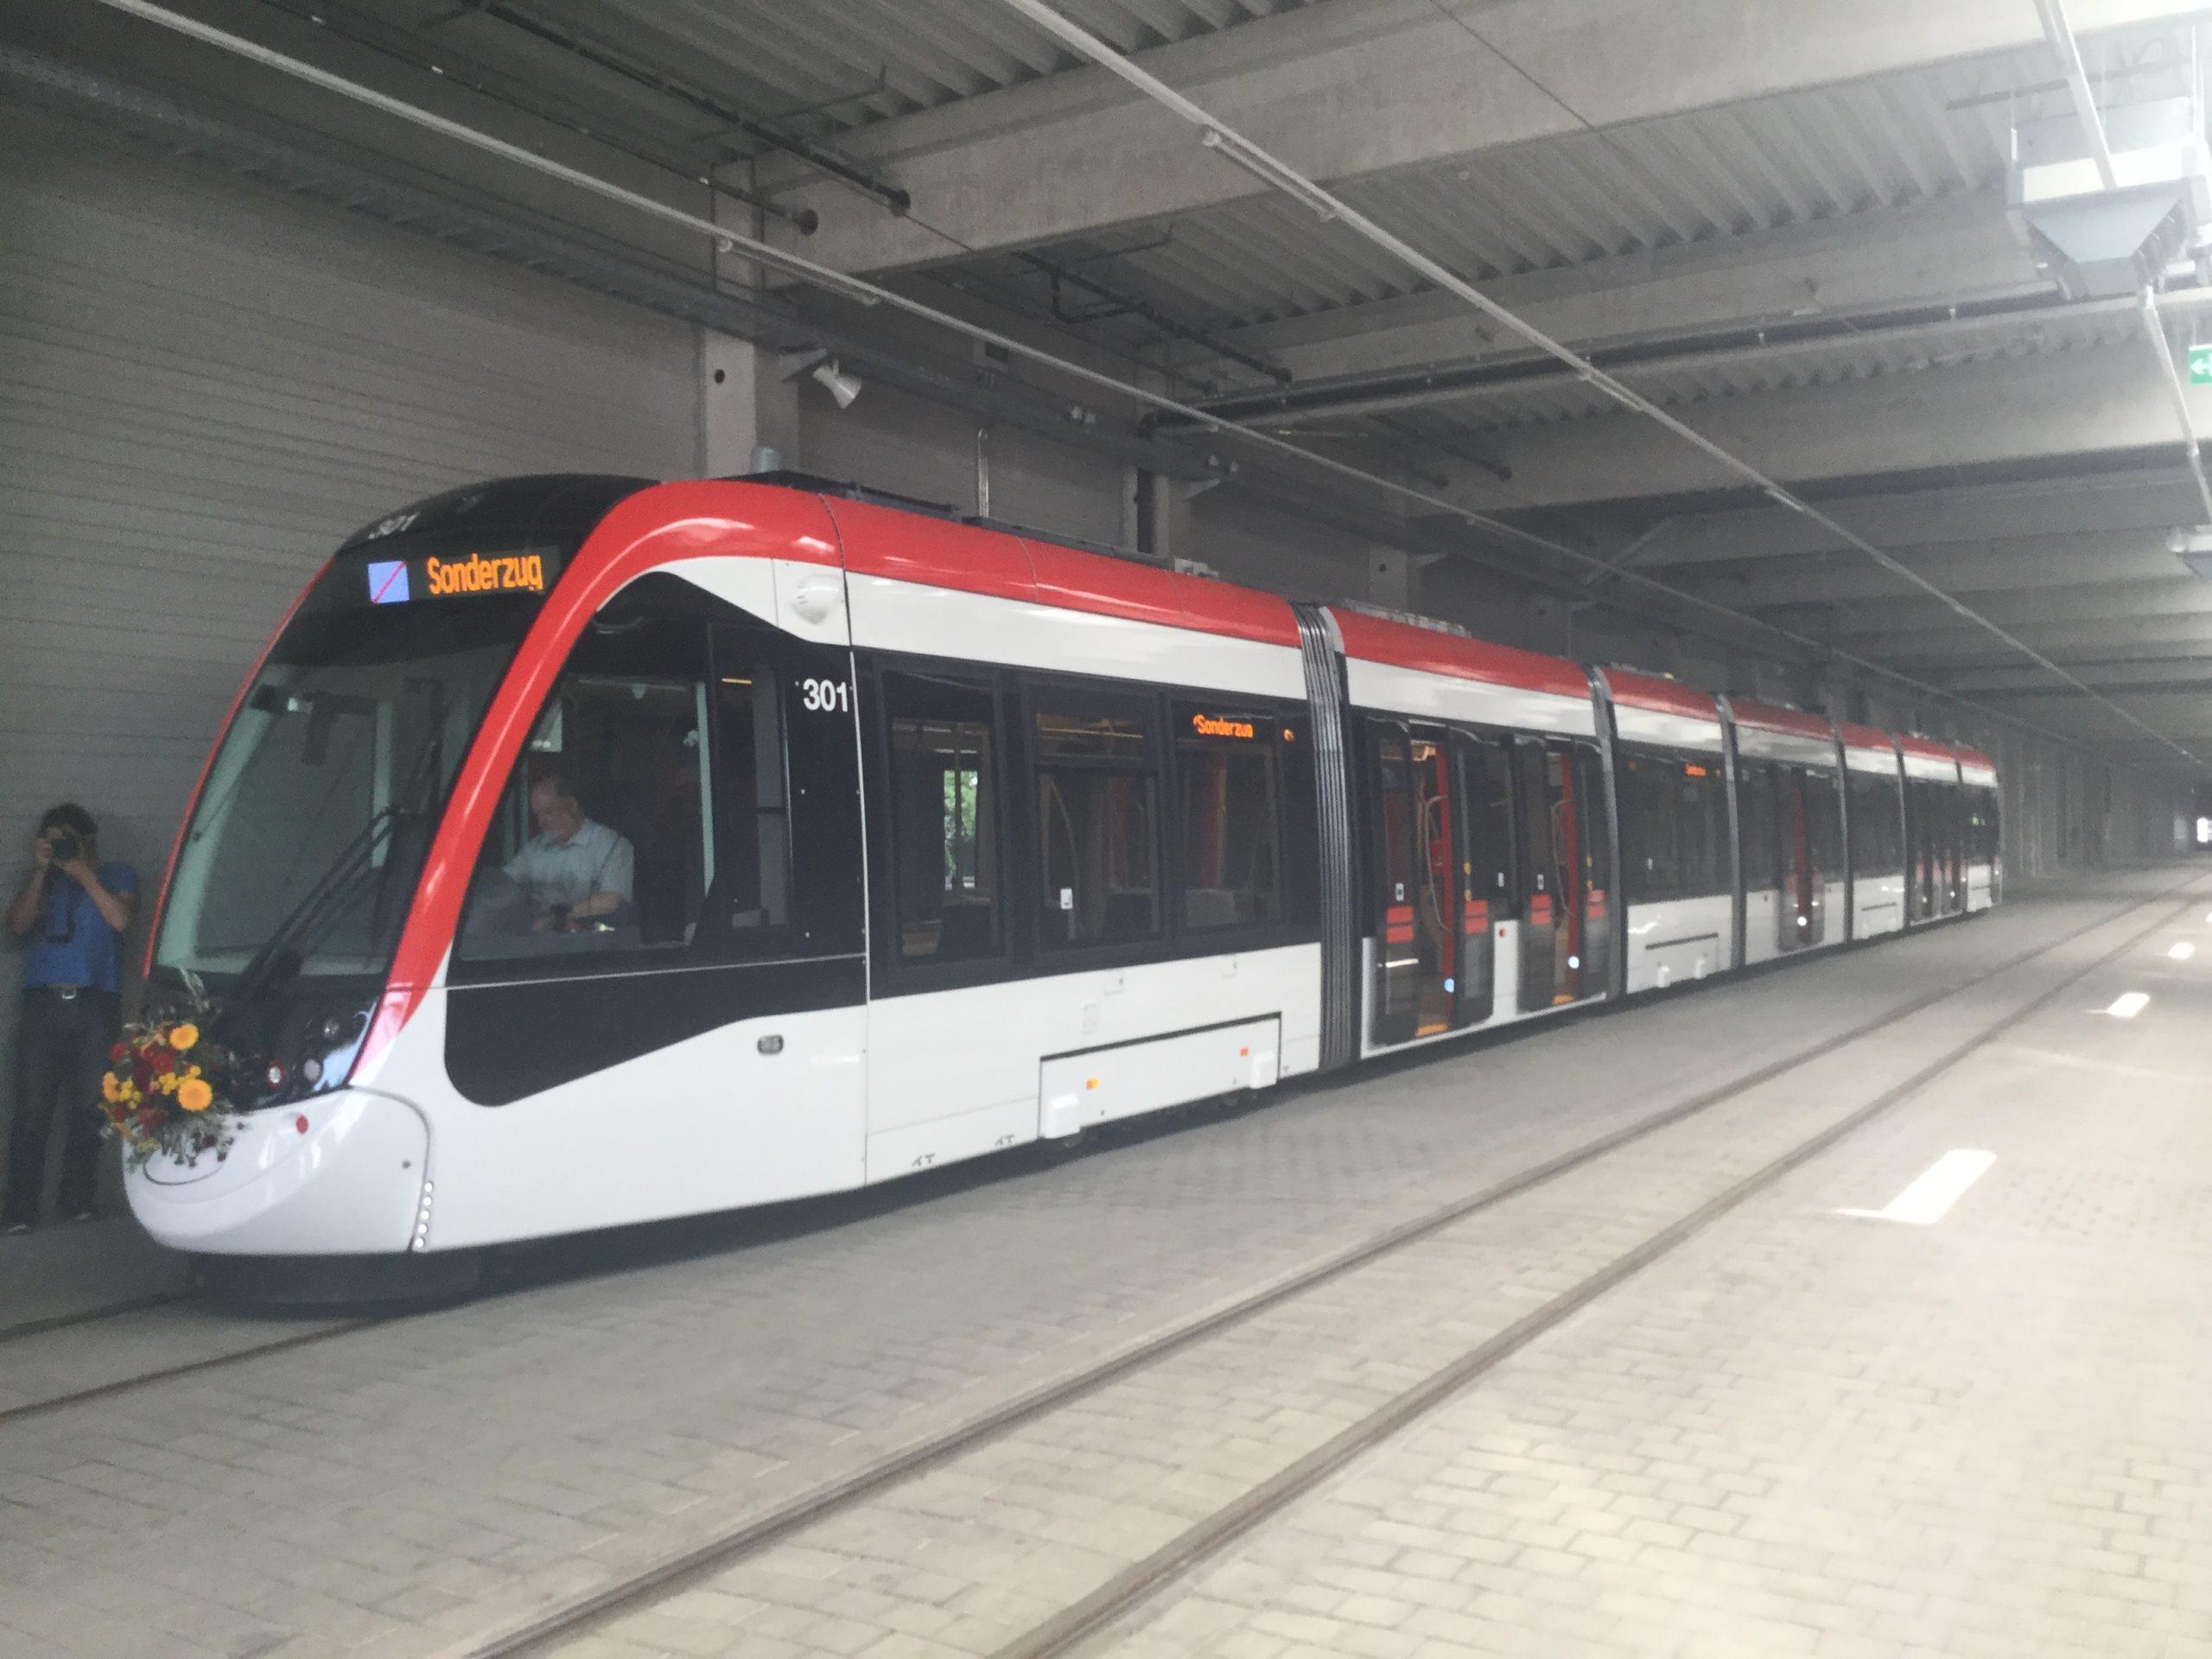 Eine Straßenbahn mit der Aufschrift Sonderzug